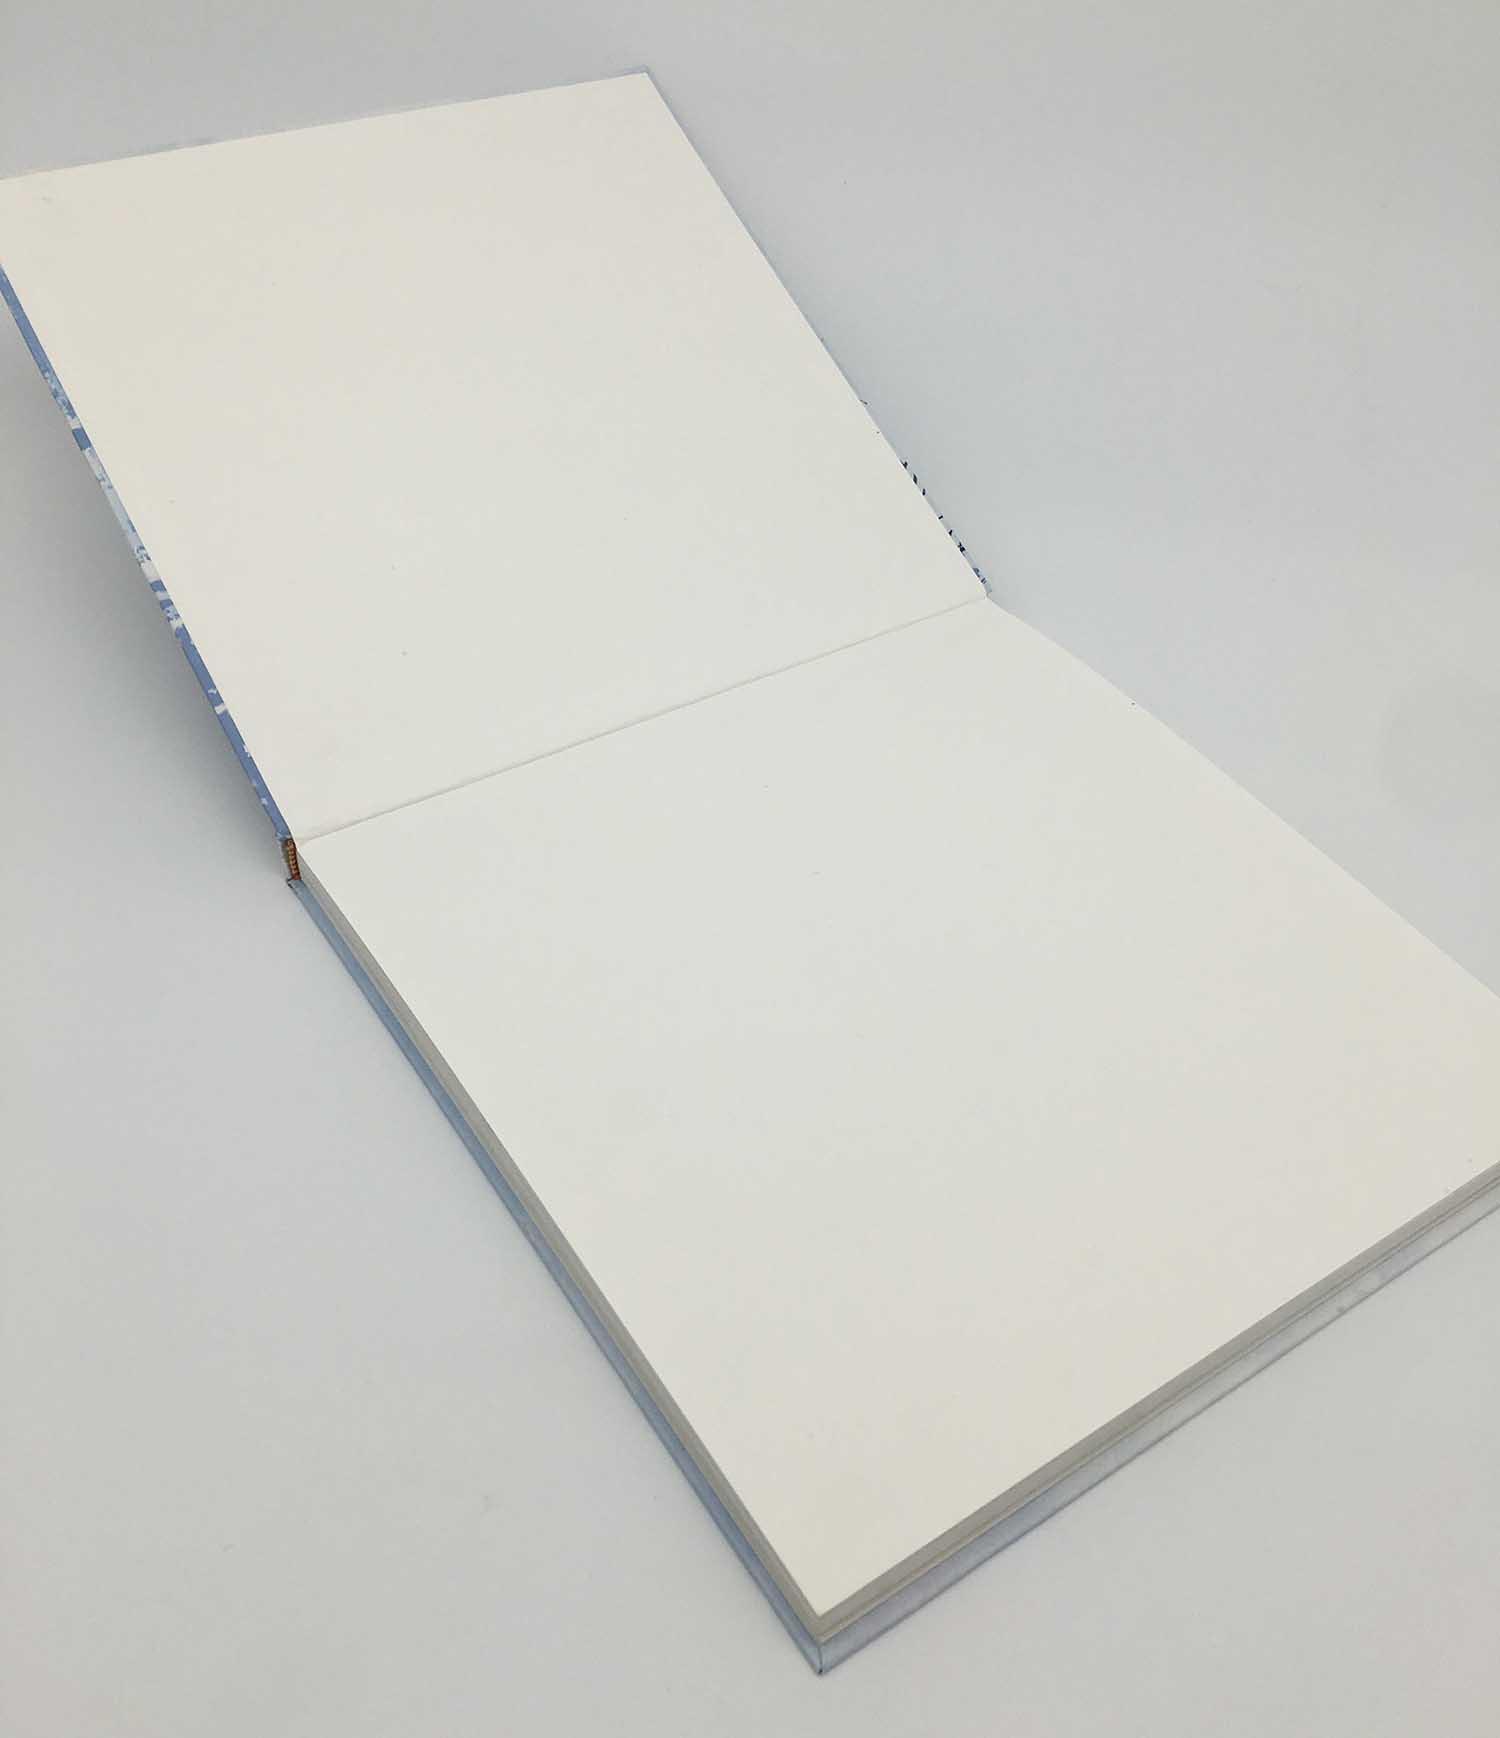 光明新区道林纸笔记本印刷